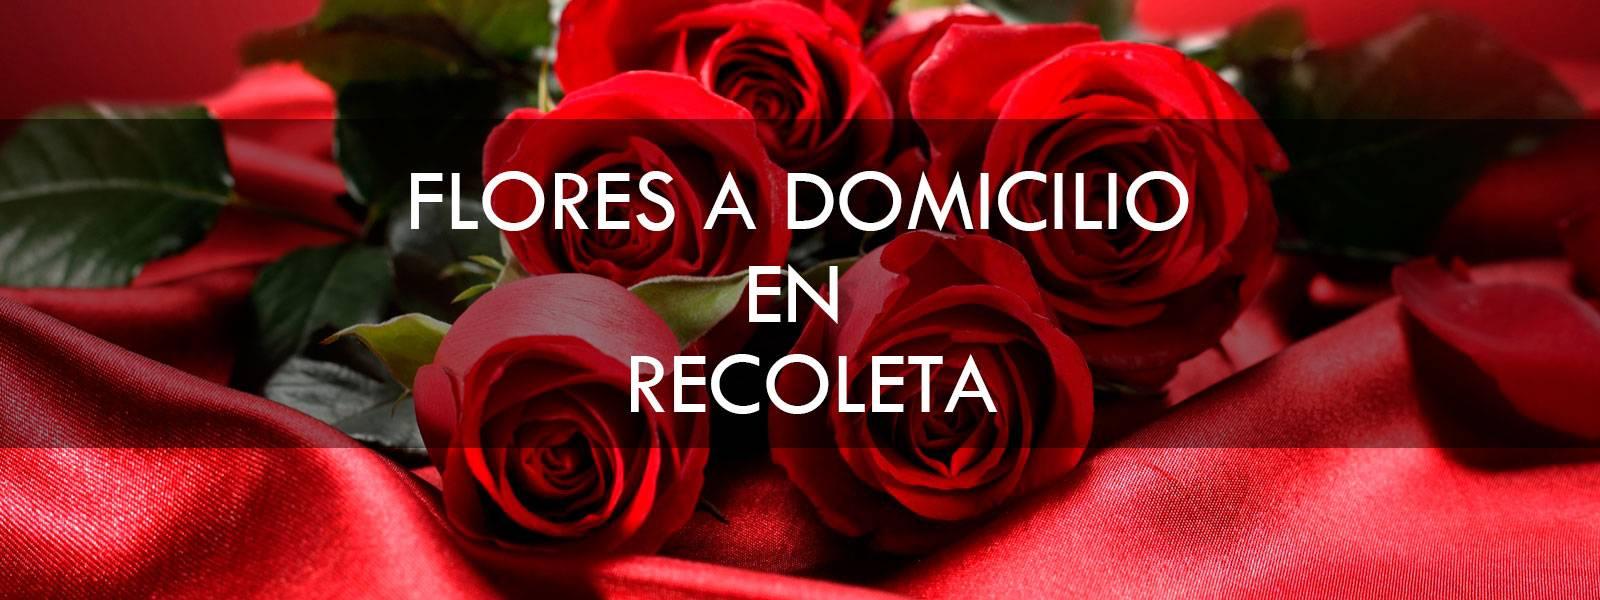 Flores a domicilio en Recoleta